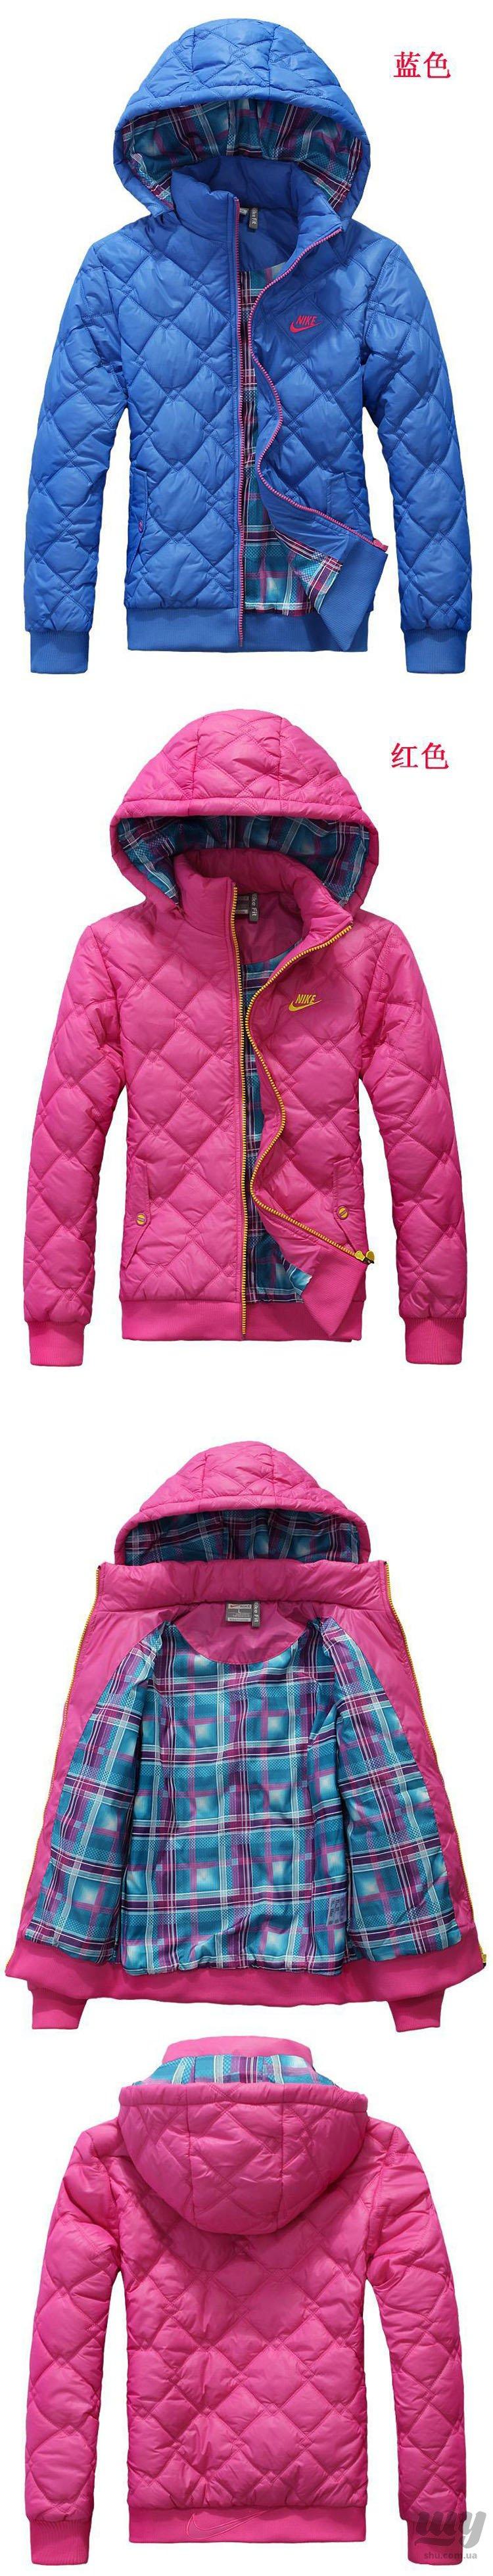 куртка найк.jpg